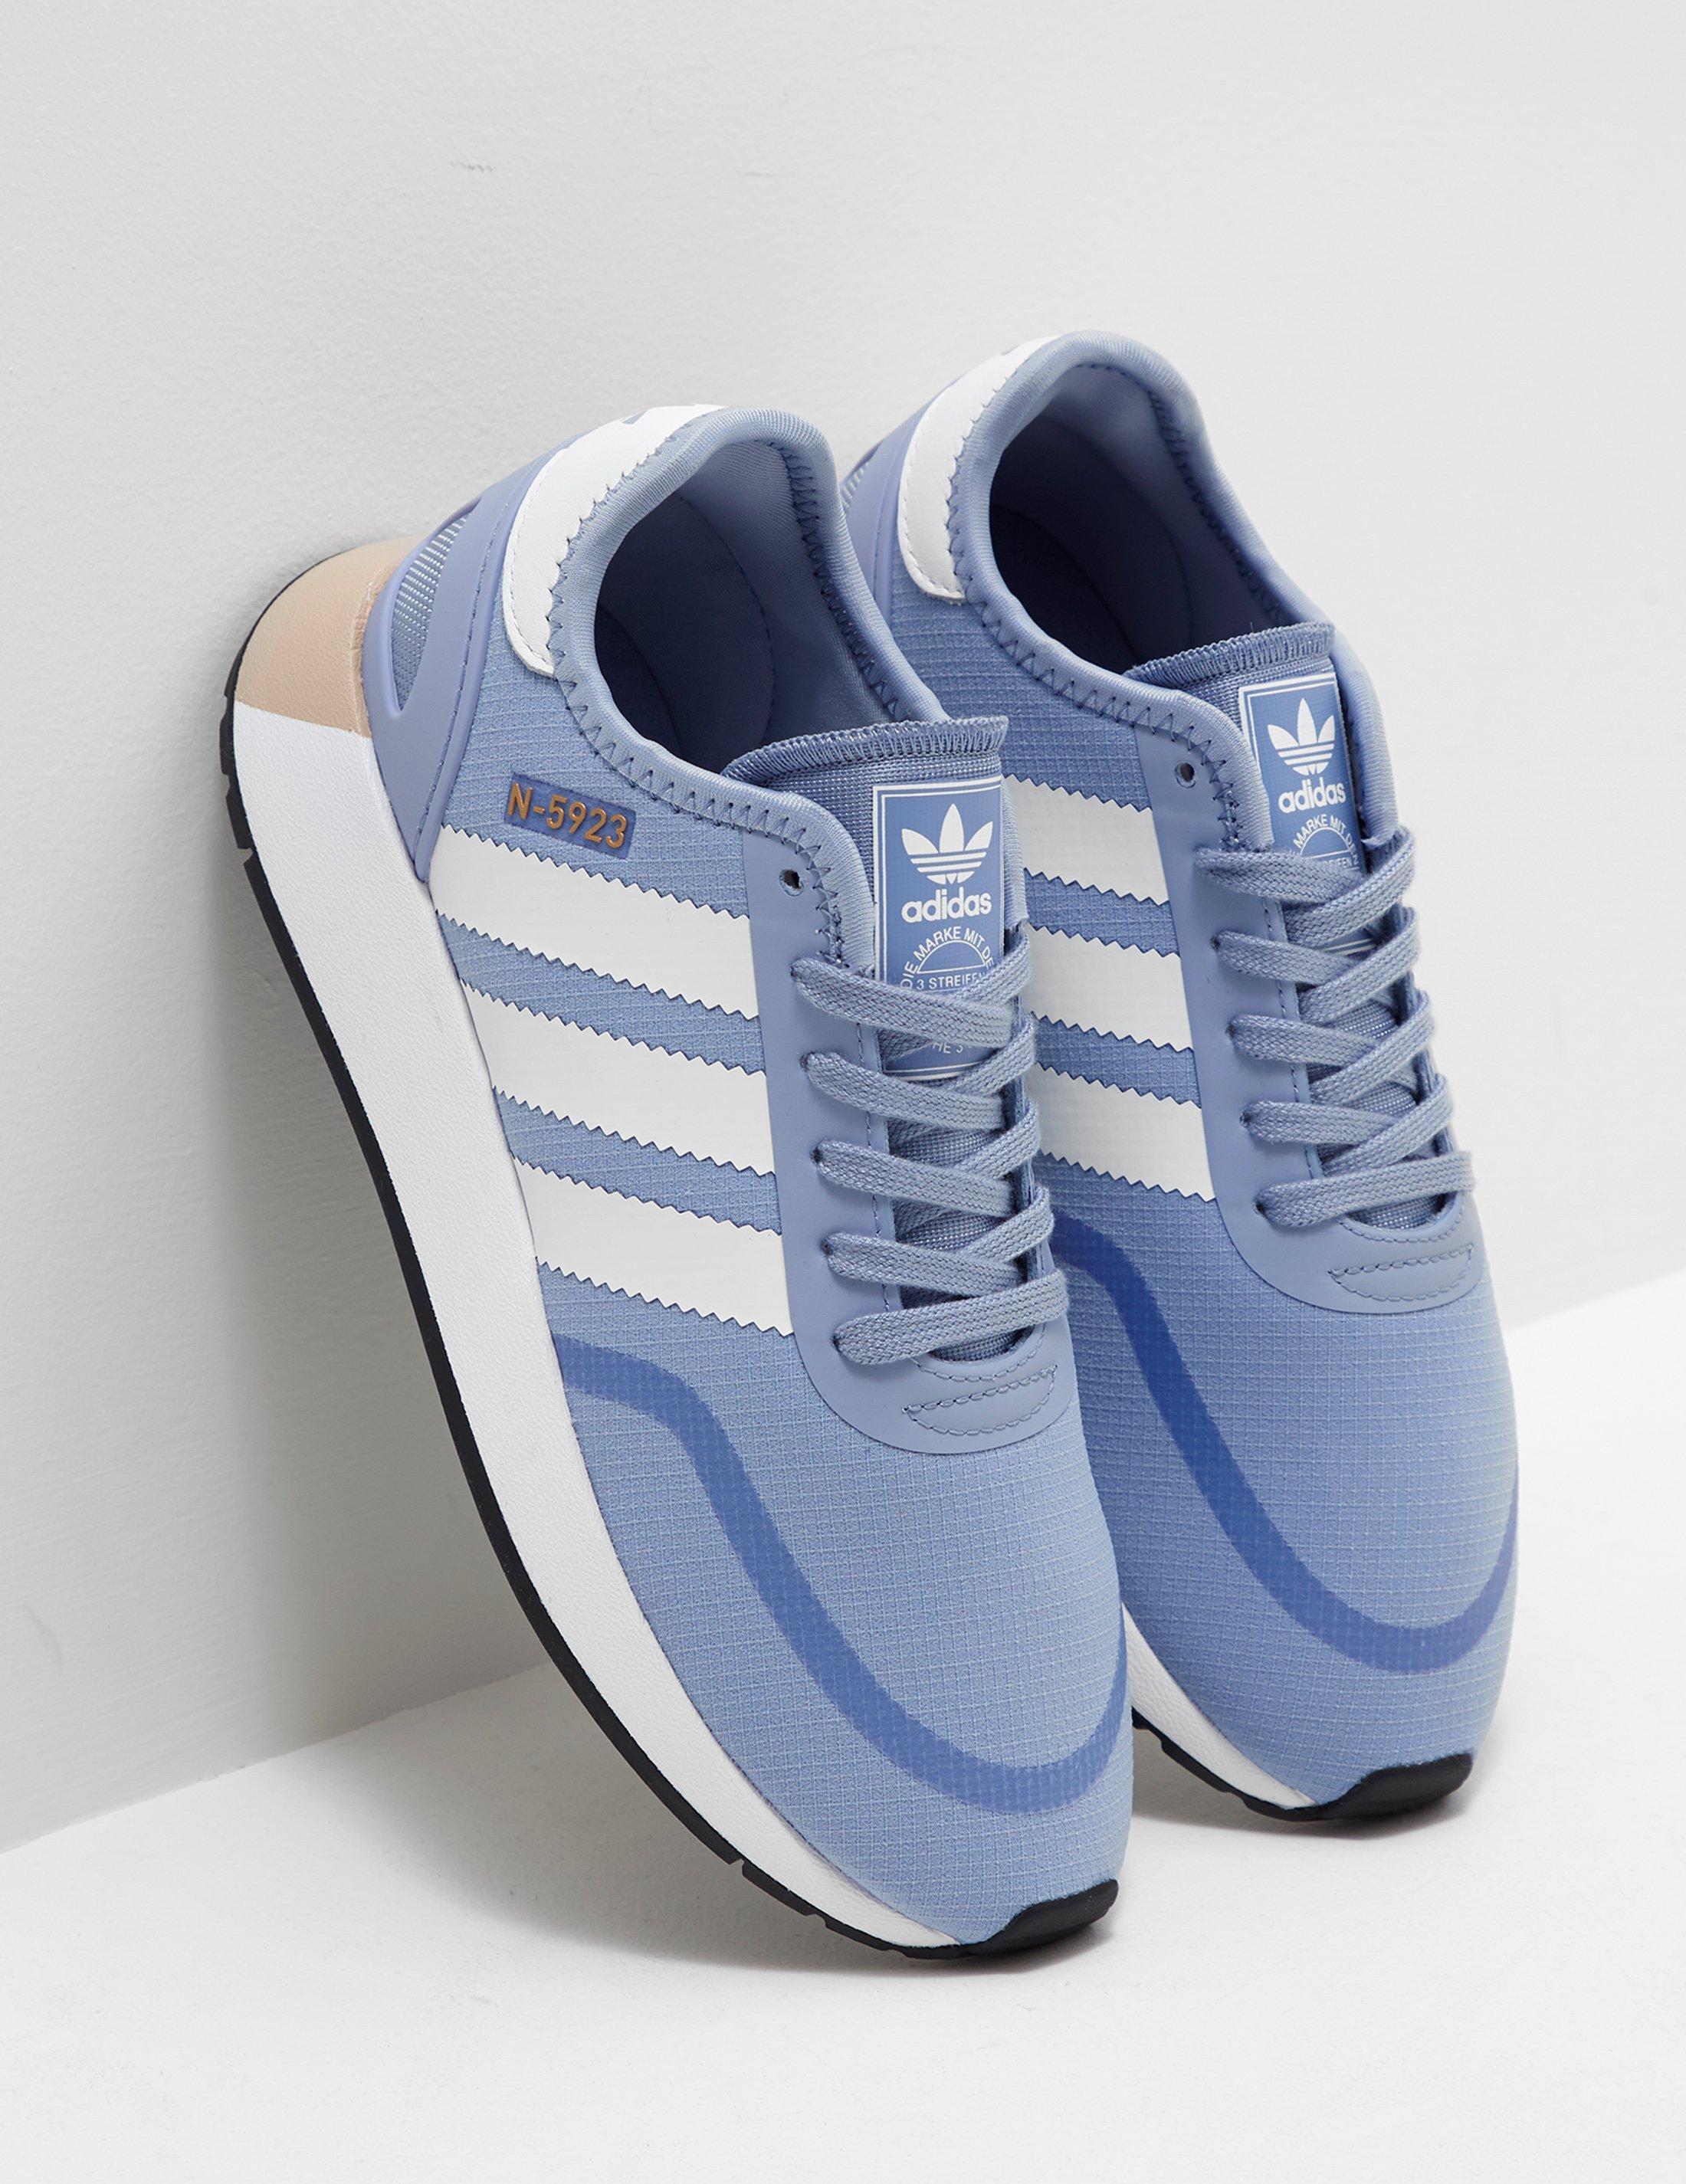 lyst adidas originals frauen n 5923 frauen ist blau in blau